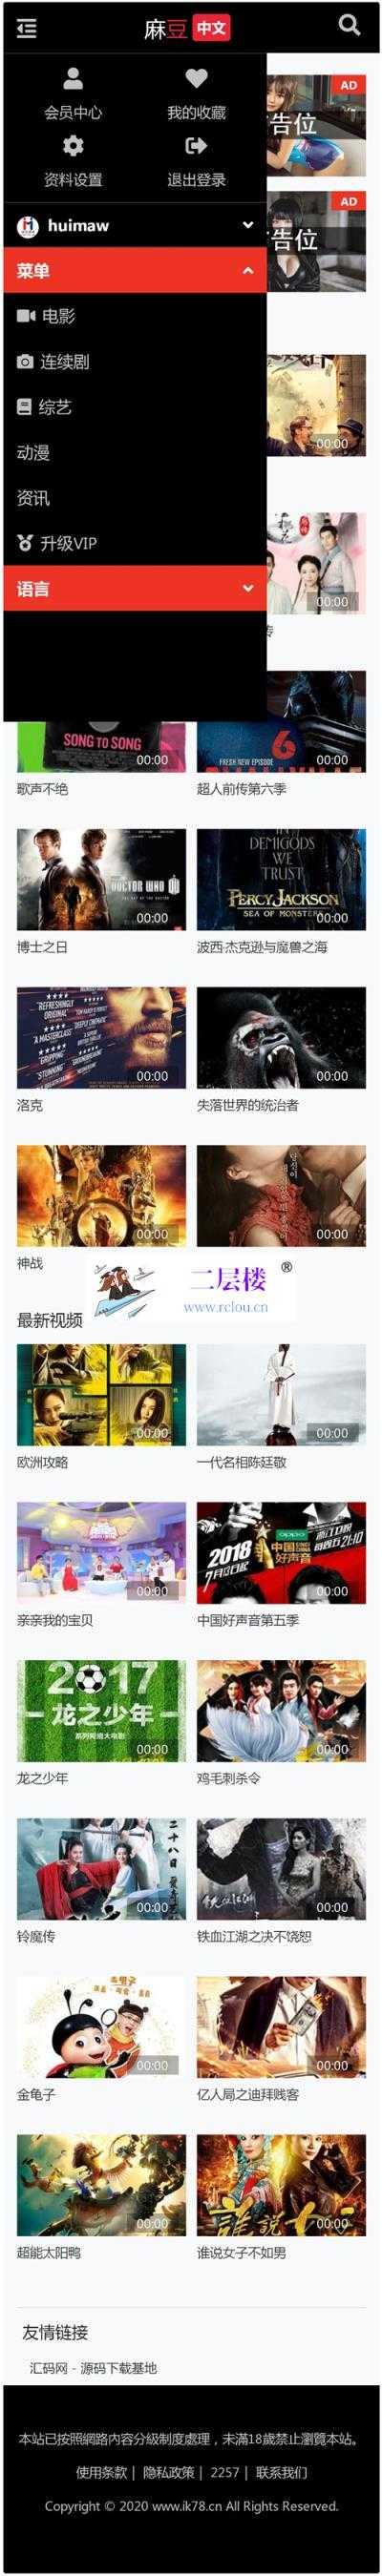 苹果cms V10 七色中文 二开苹果cms视频 图片 小说网站源码模板插图(2)